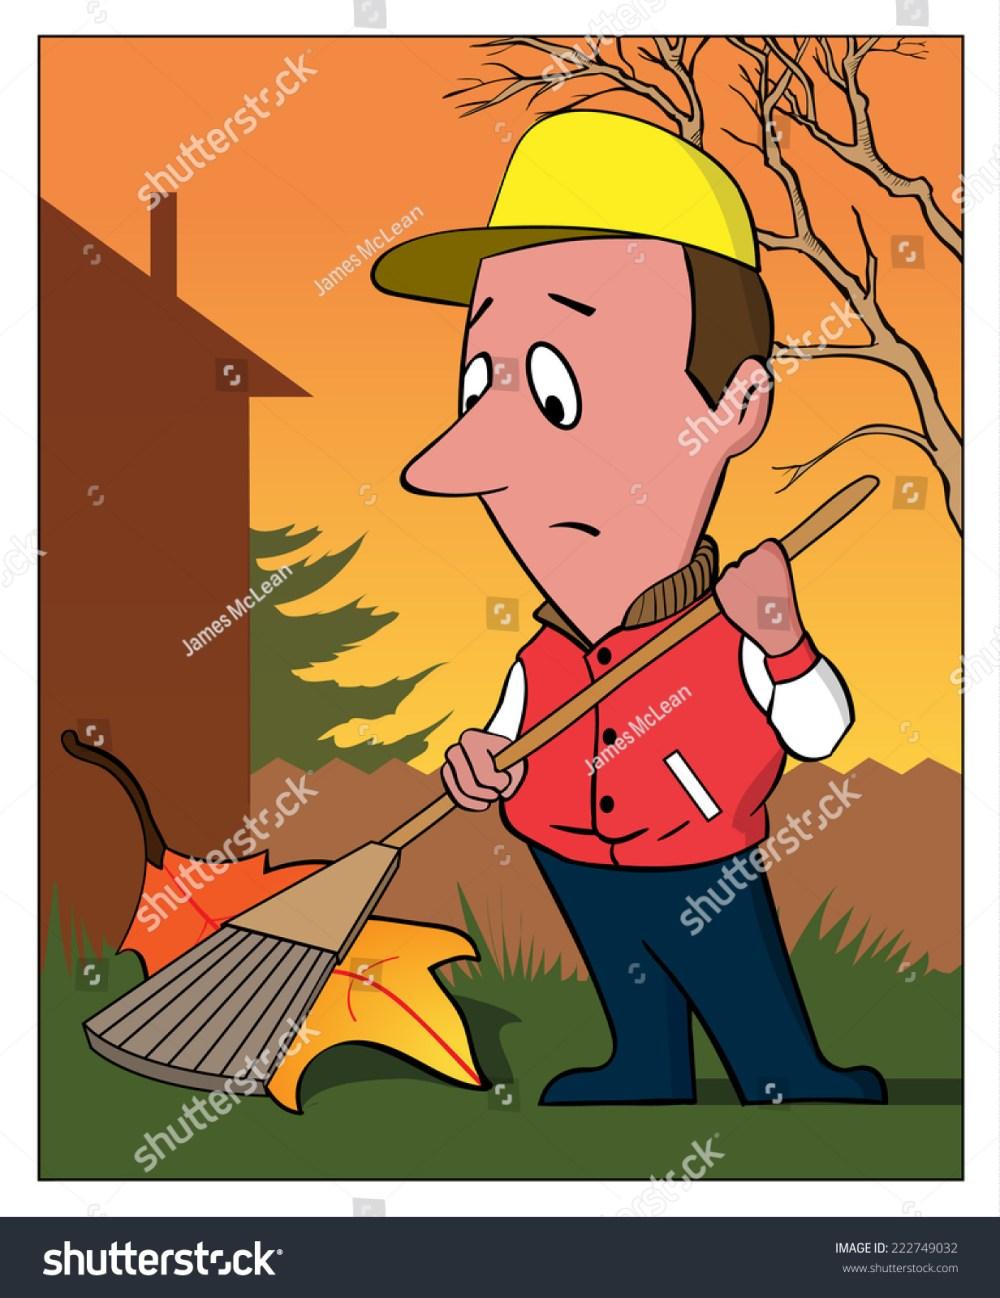 medium resolution of raking leaf a man rakes a very large leaf